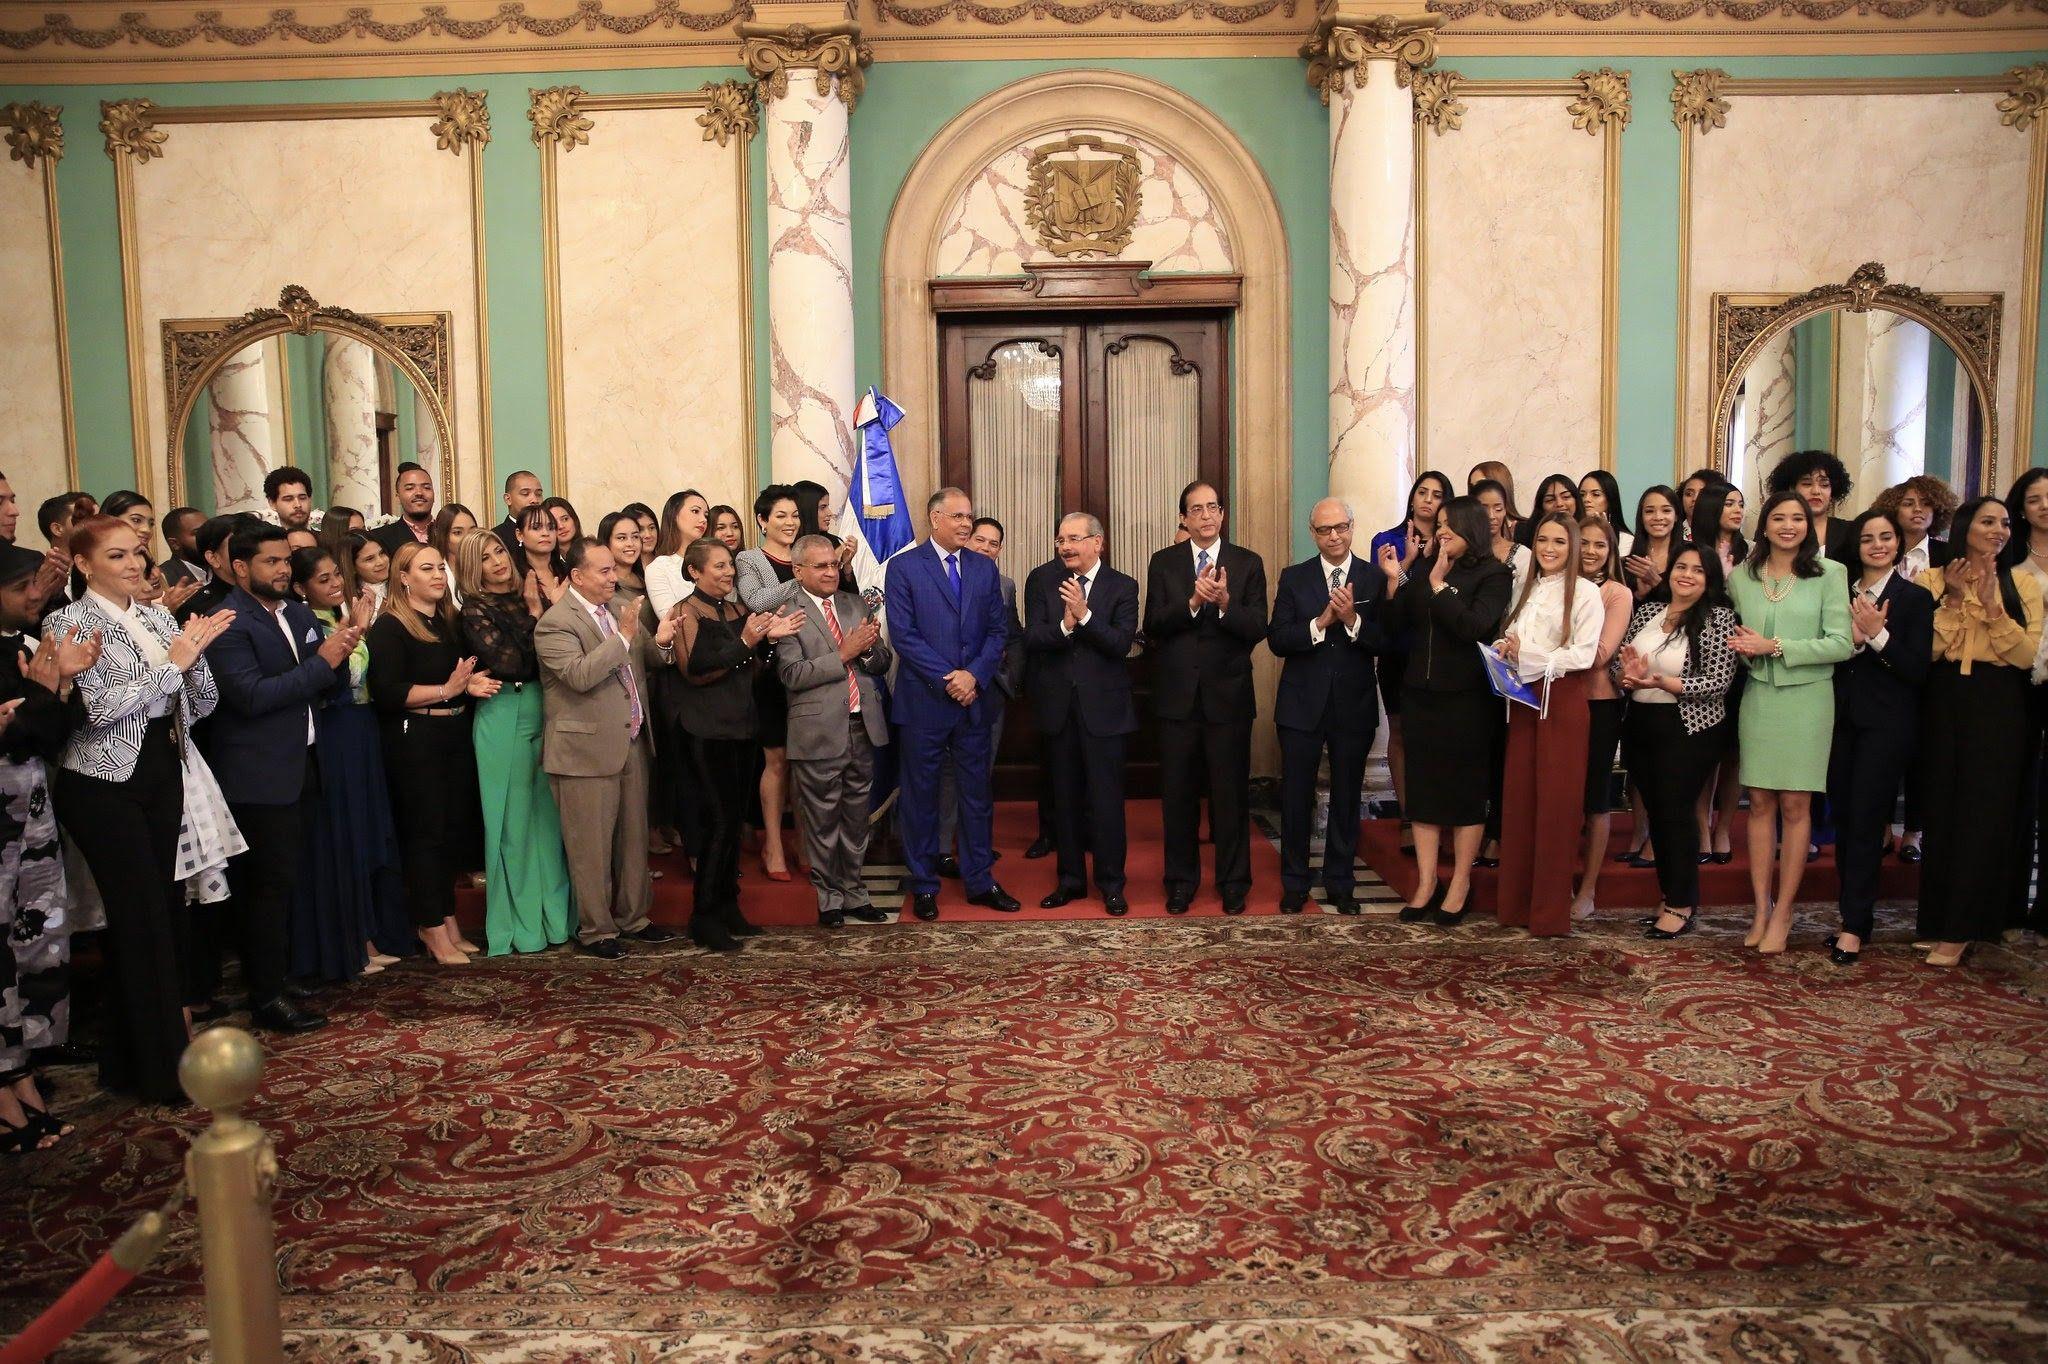 Durante una breve ceremonia en el Salón de Embajadores del Palacio Nacional, los jóvenes compartieron un agradable momento, intercambiaron impresiones y recibieron los cálidos saludos del presidente Danilo Medina.